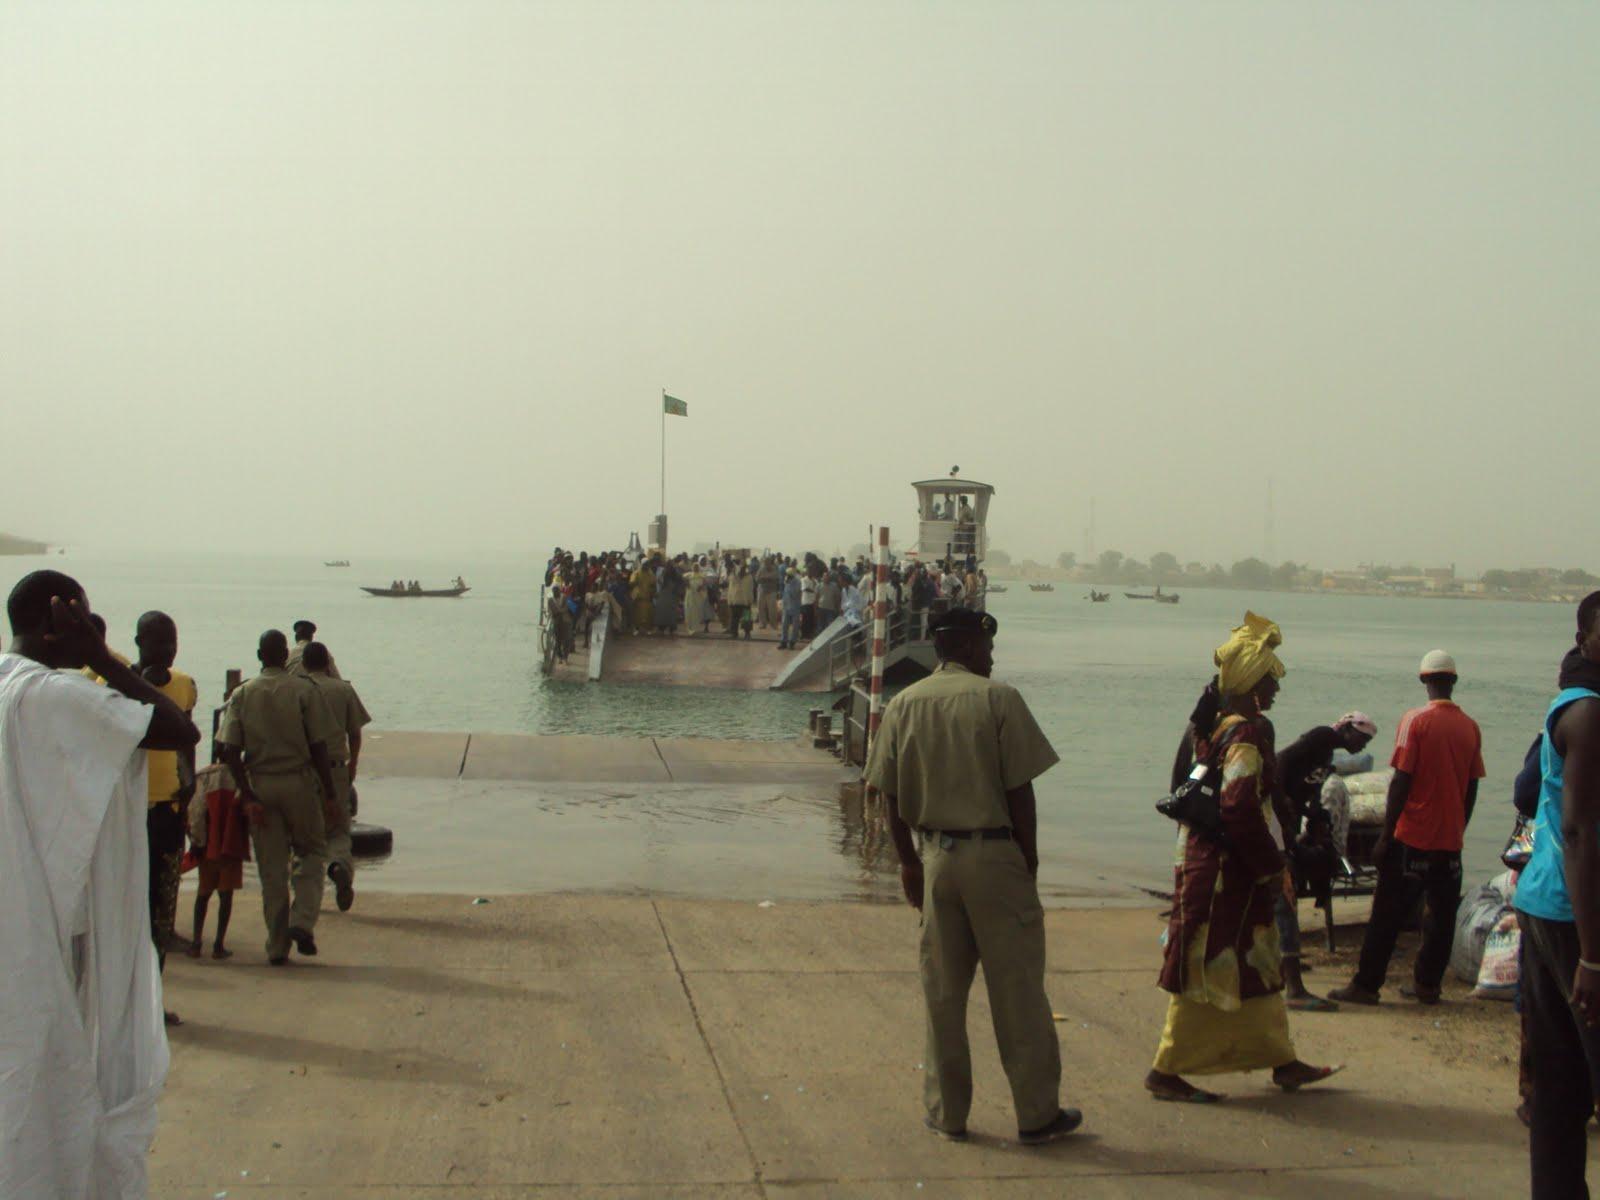 عادت عبارة روصو إلى وتيرة نشاطها السابقة؛ حيث أصبحت تعمل على مدار الساعة. وبذلك تعود الحركة التجارية بين موريتانيا والسنغال لطبيعتها بعد حوالي أشهر من التوقف الجزئي في عمل العبارة.  وكانت السلطات الموريتانية